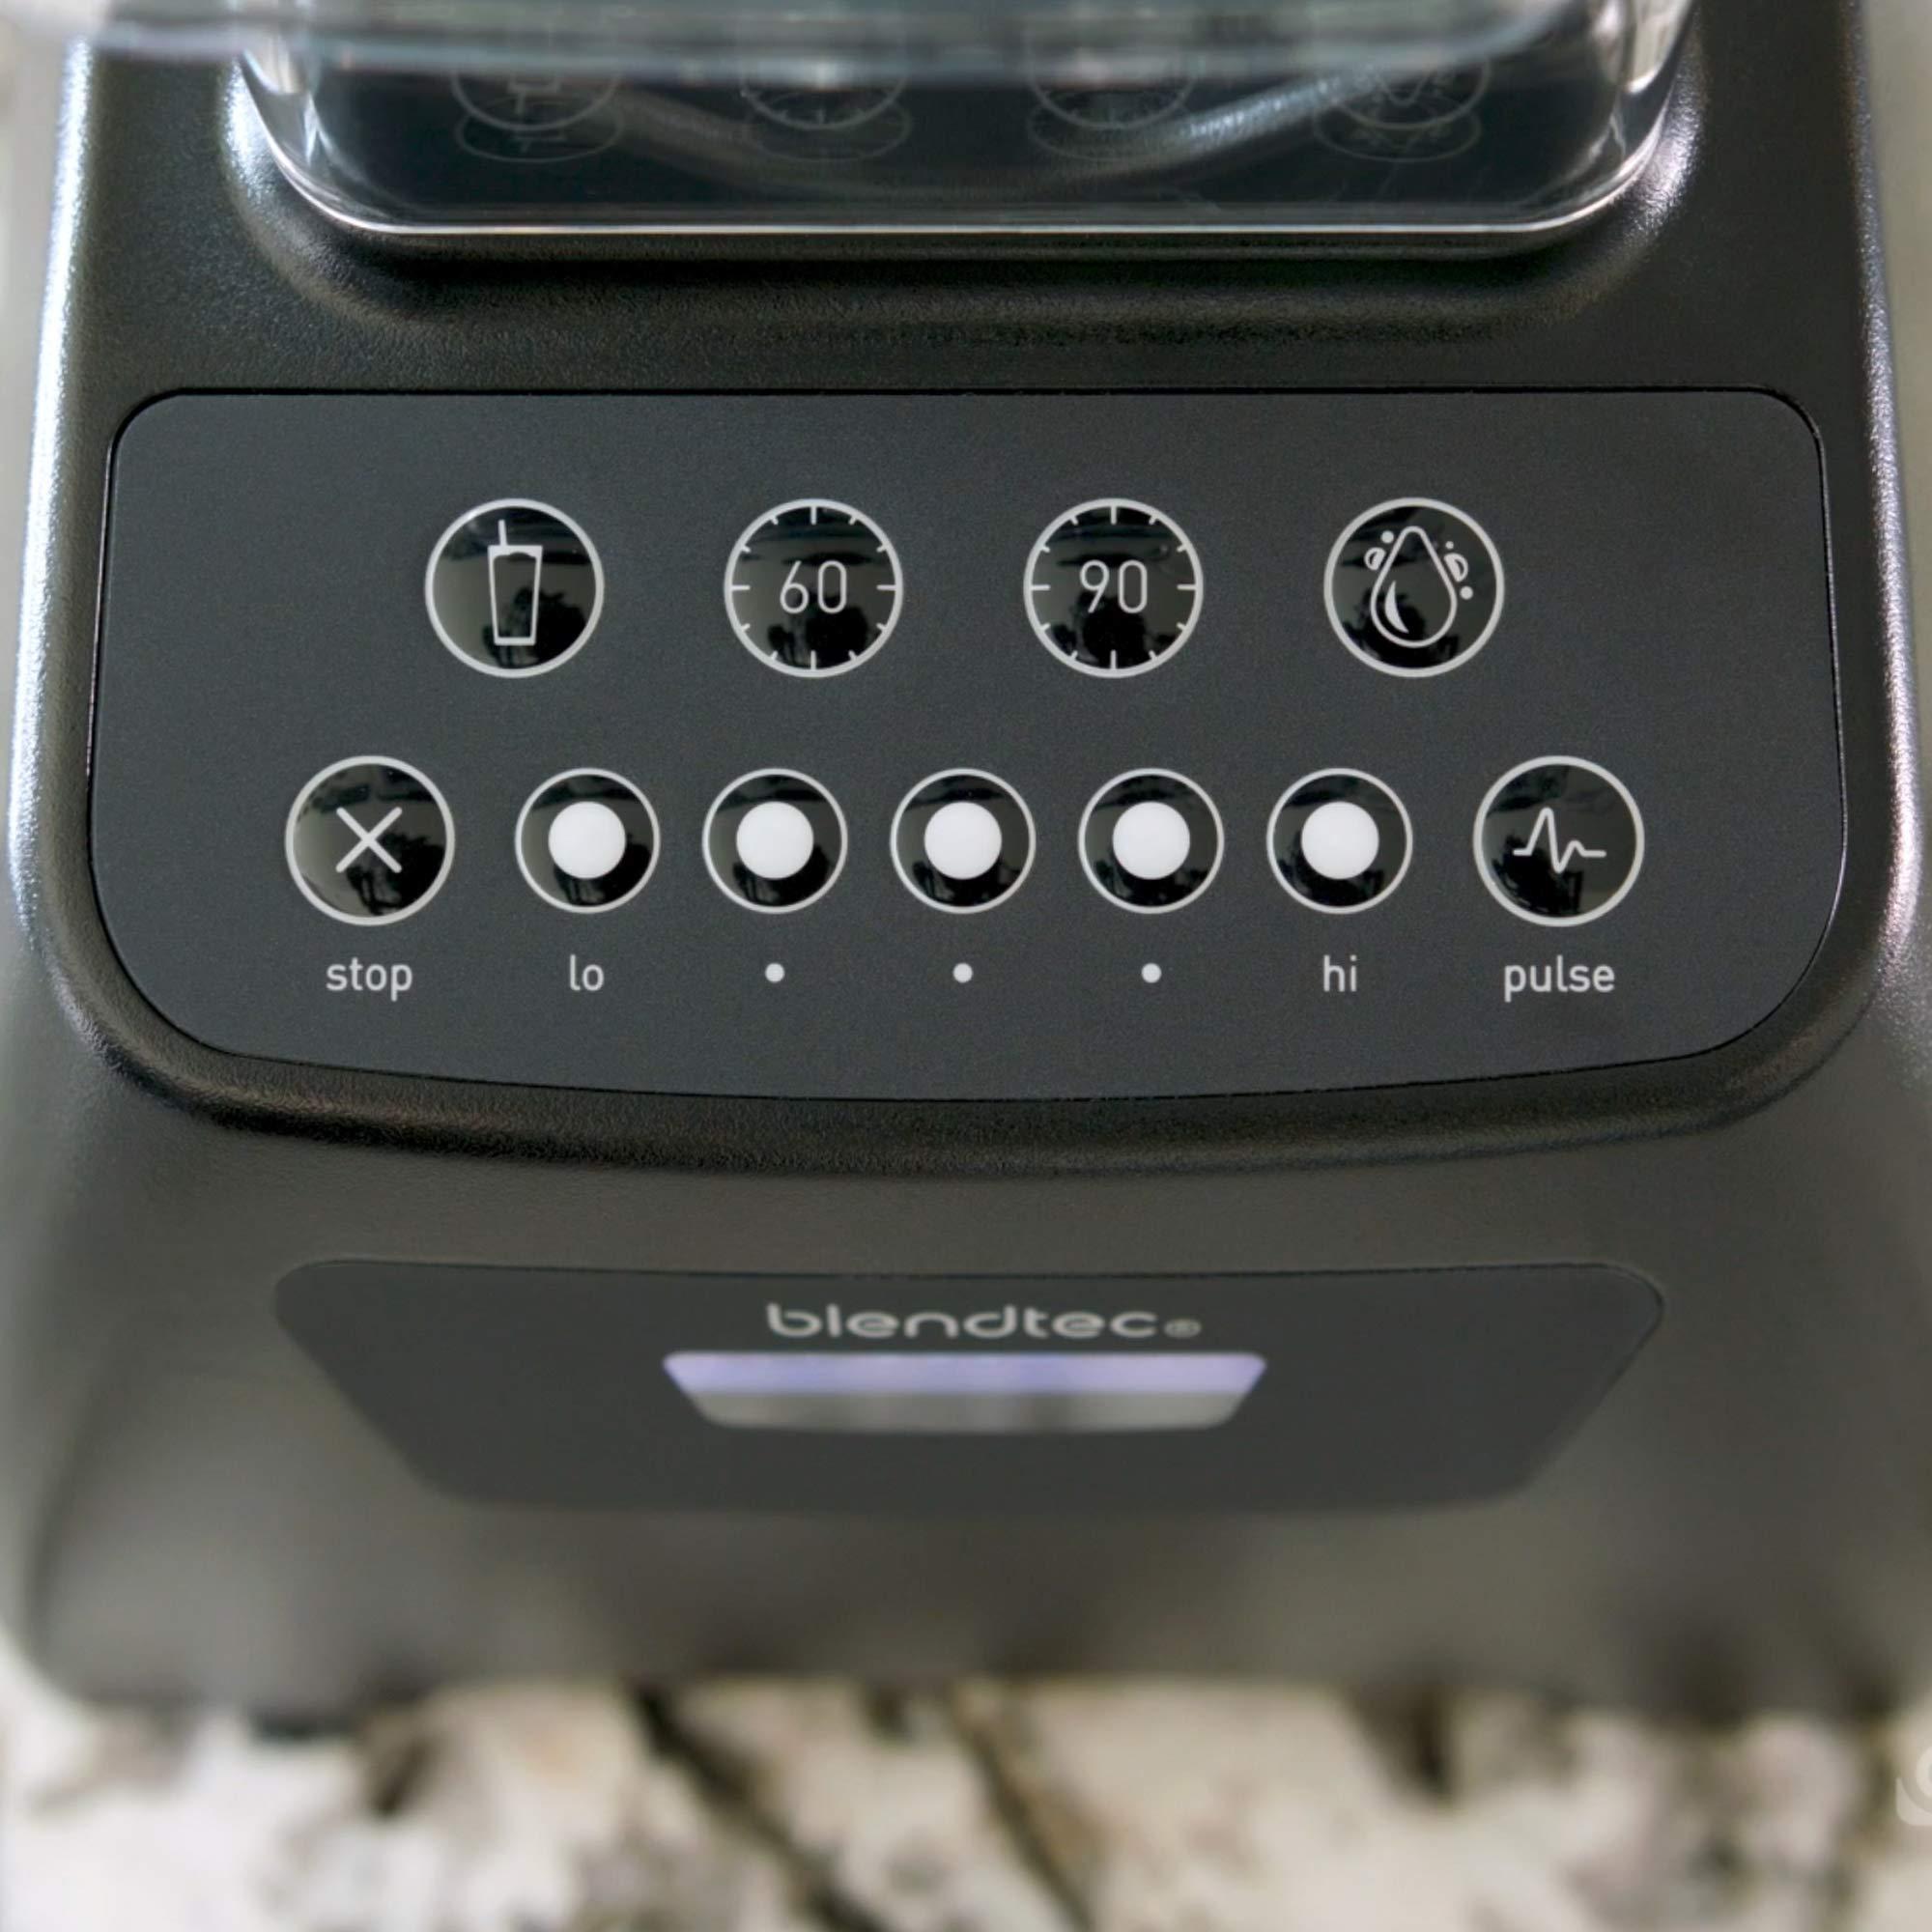 Blendtec Classic 575 Blender con Wildside Jar negro: Amazon.es: Hogar